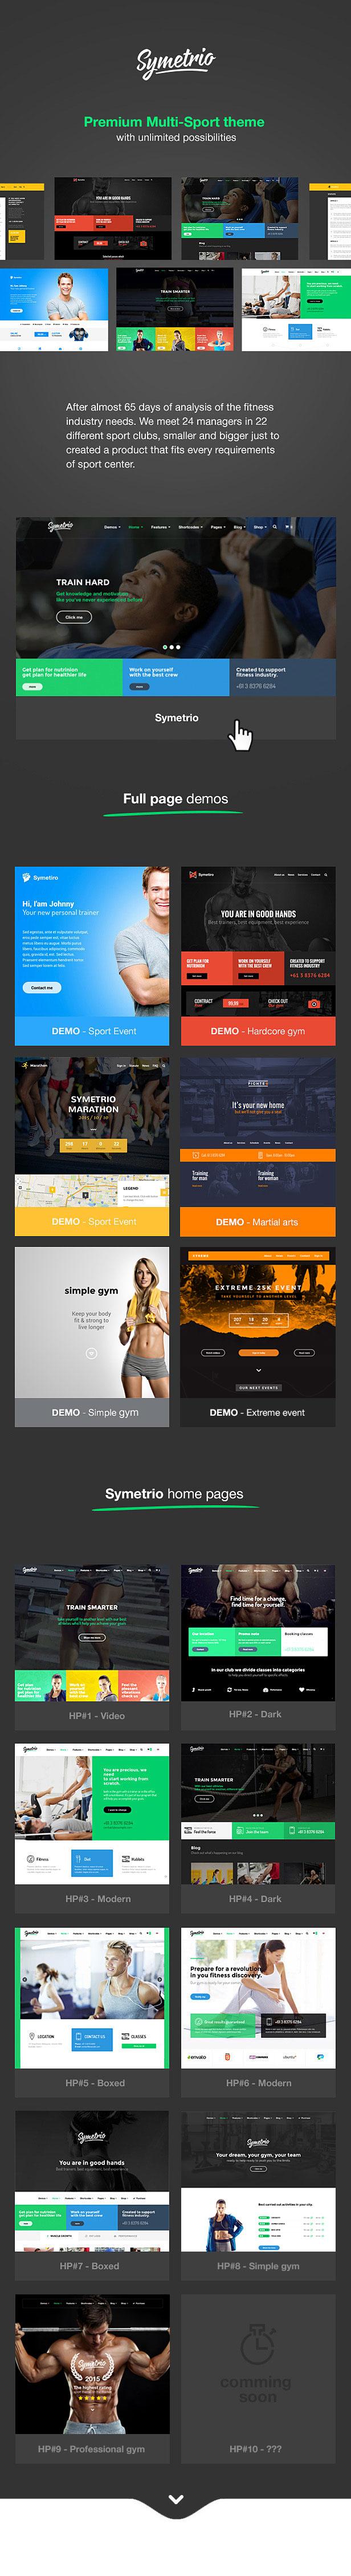 WIUZma - Symetrio - Gym & Fitness WordPress Theme